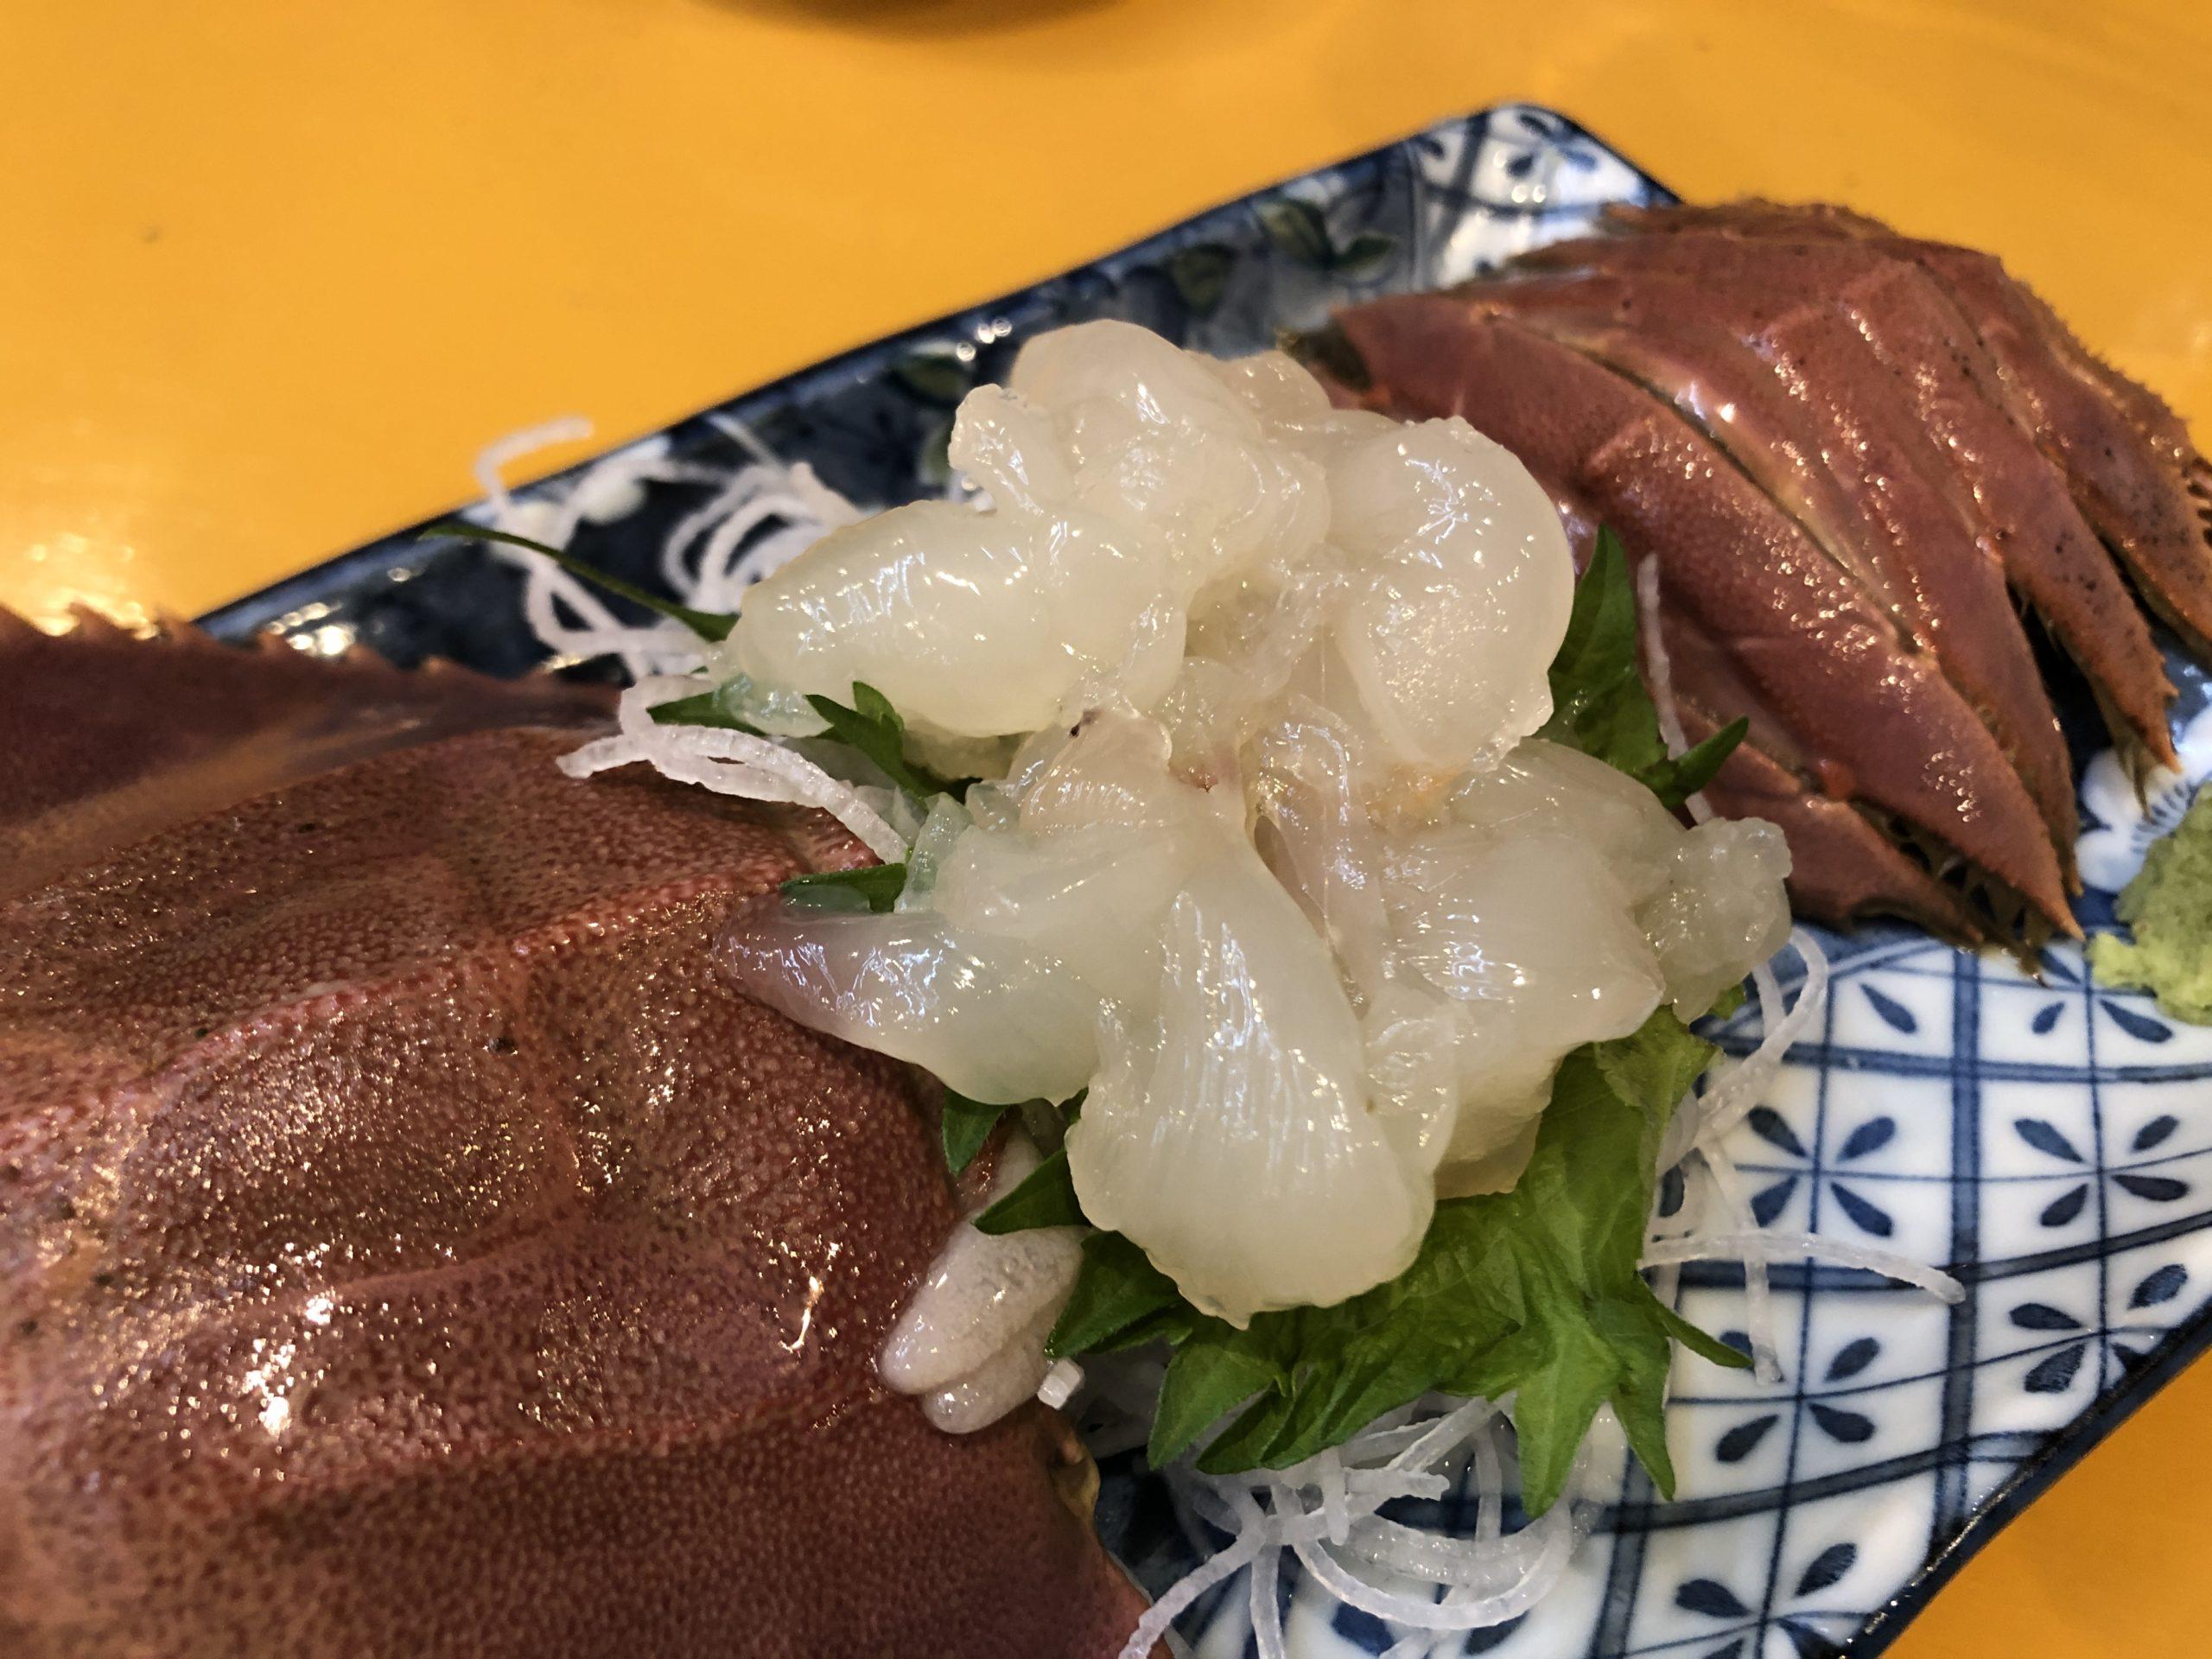 名物 串おこげや新鮮なうちわ海老、そして巨大な紅ズワイガニ汁を楽しめる、京都 二条駅近く「海鮮屋台 あみたつ」が最高